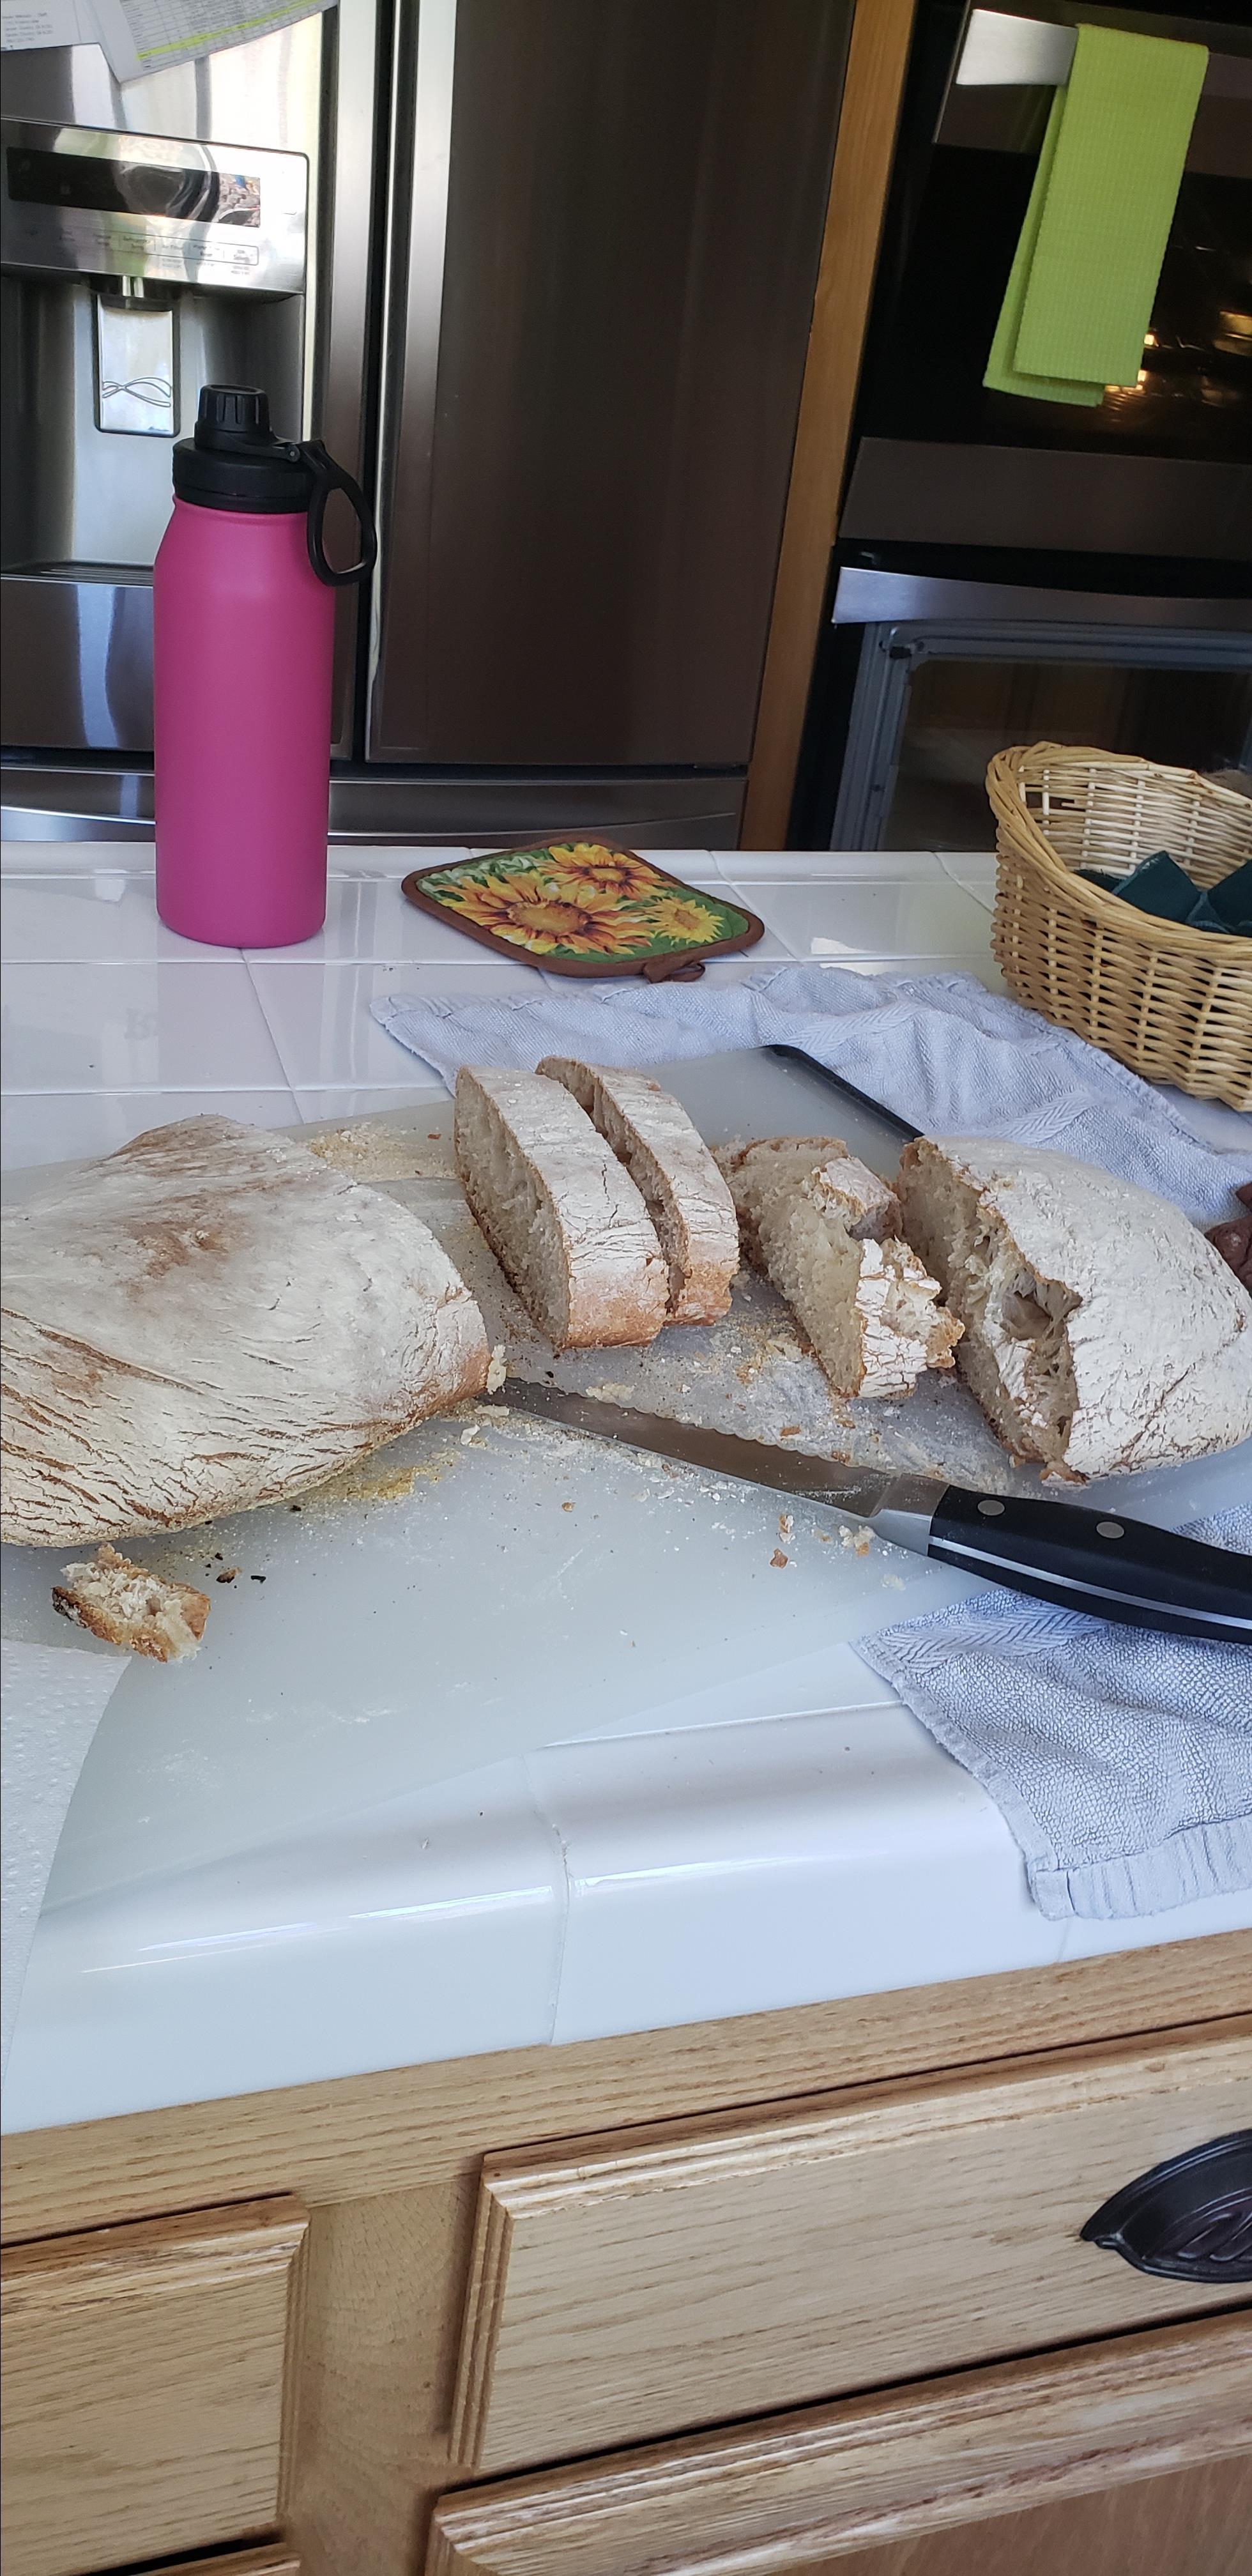 Chef John's No-Knead Ciabatta